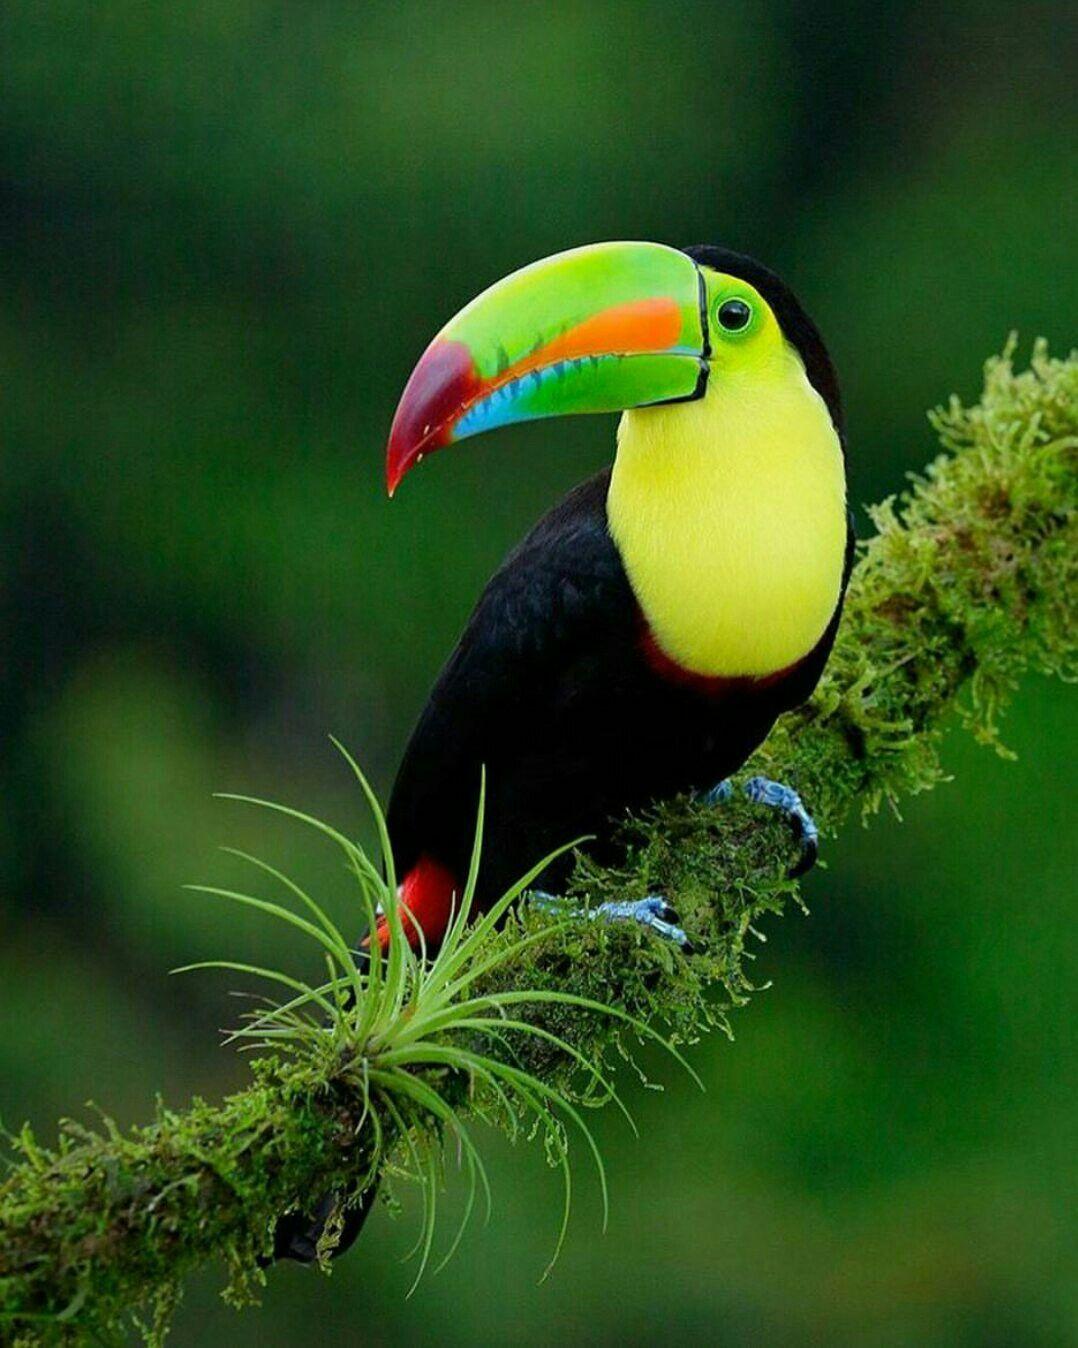 тропические птицы картинки даже